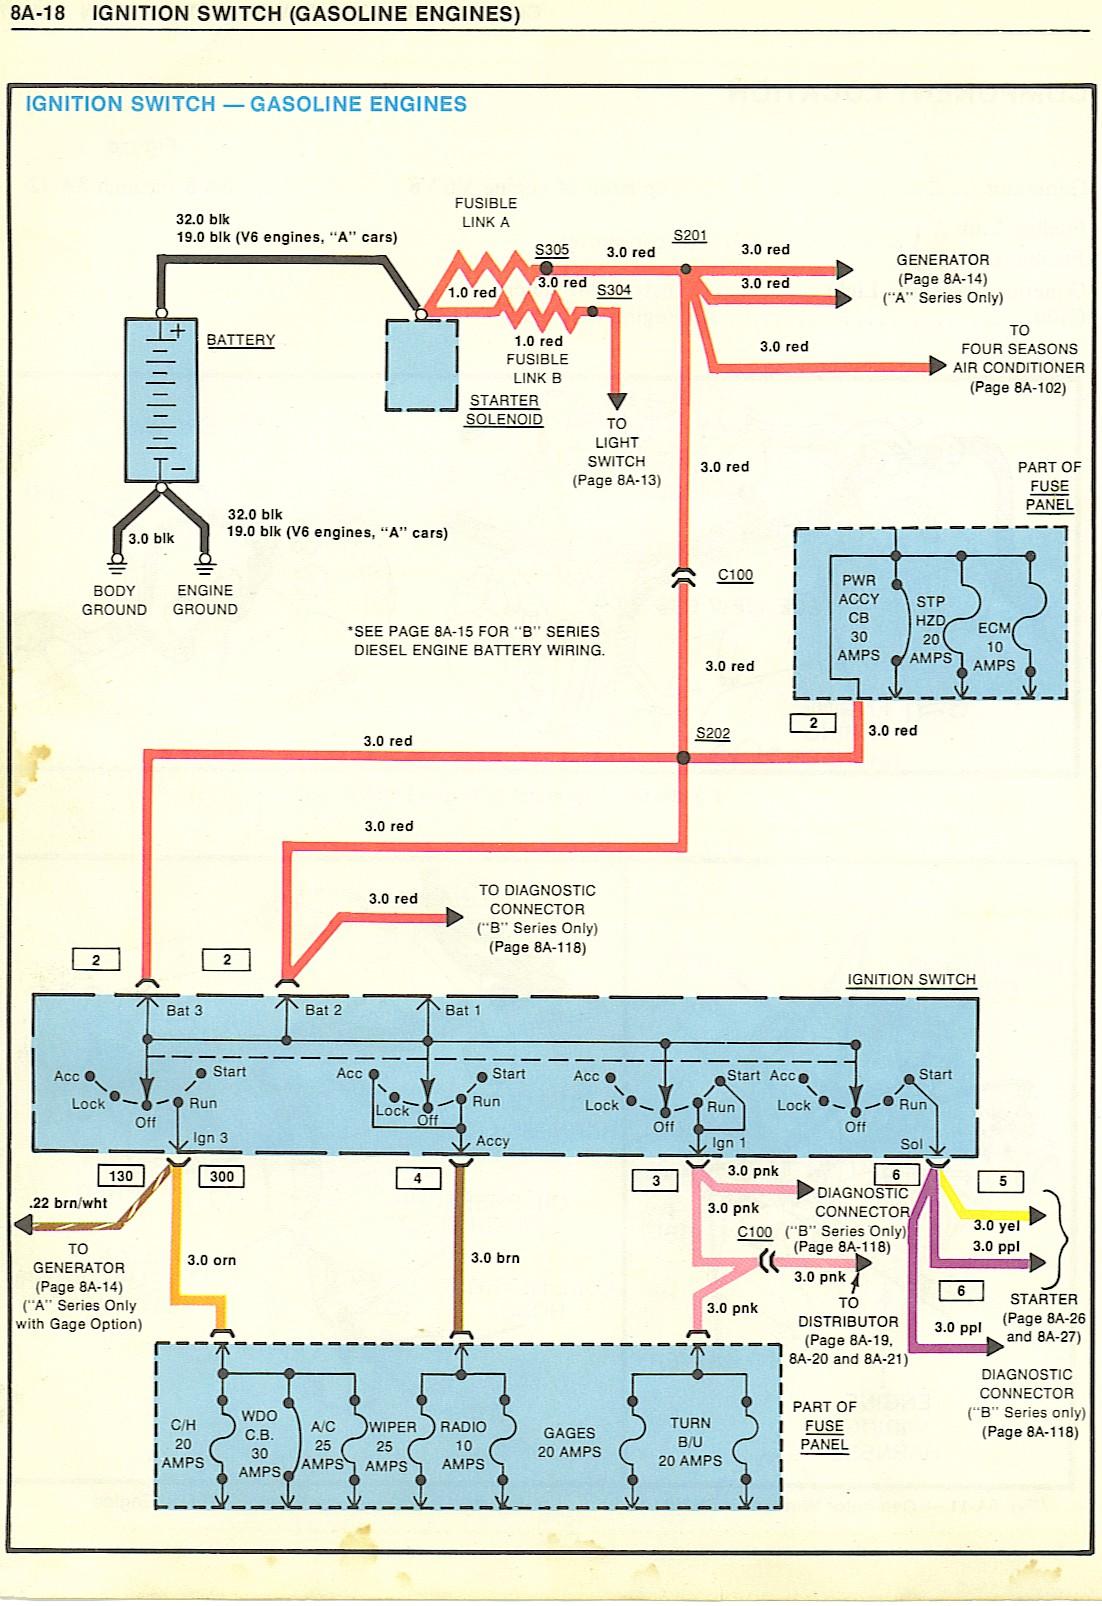 yamaha r6 ignition wiring diagram yamaha image yamaha r6 ignition switch wiring diagram image details on yamaha r6 ignition wiring diagram